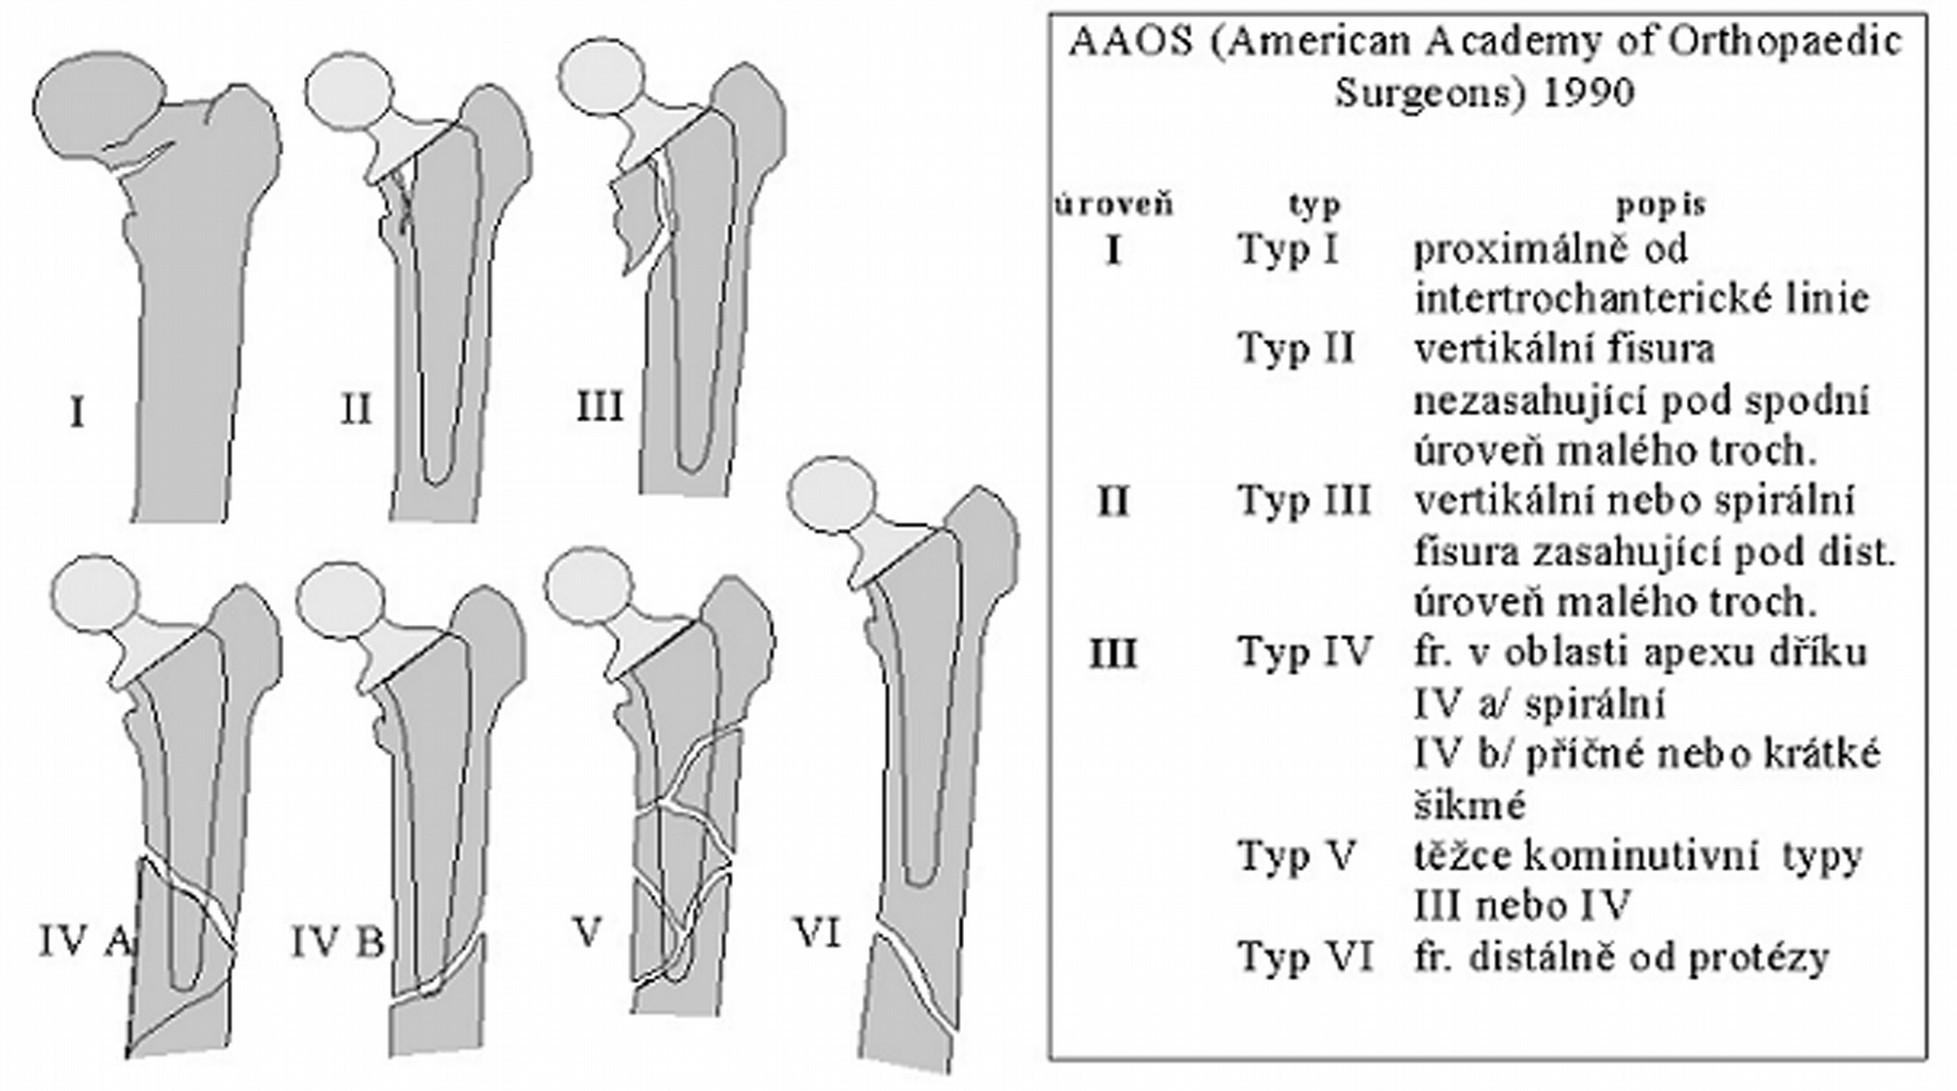 Schéma 1 Klasifikace podle AAOS z roku 1990